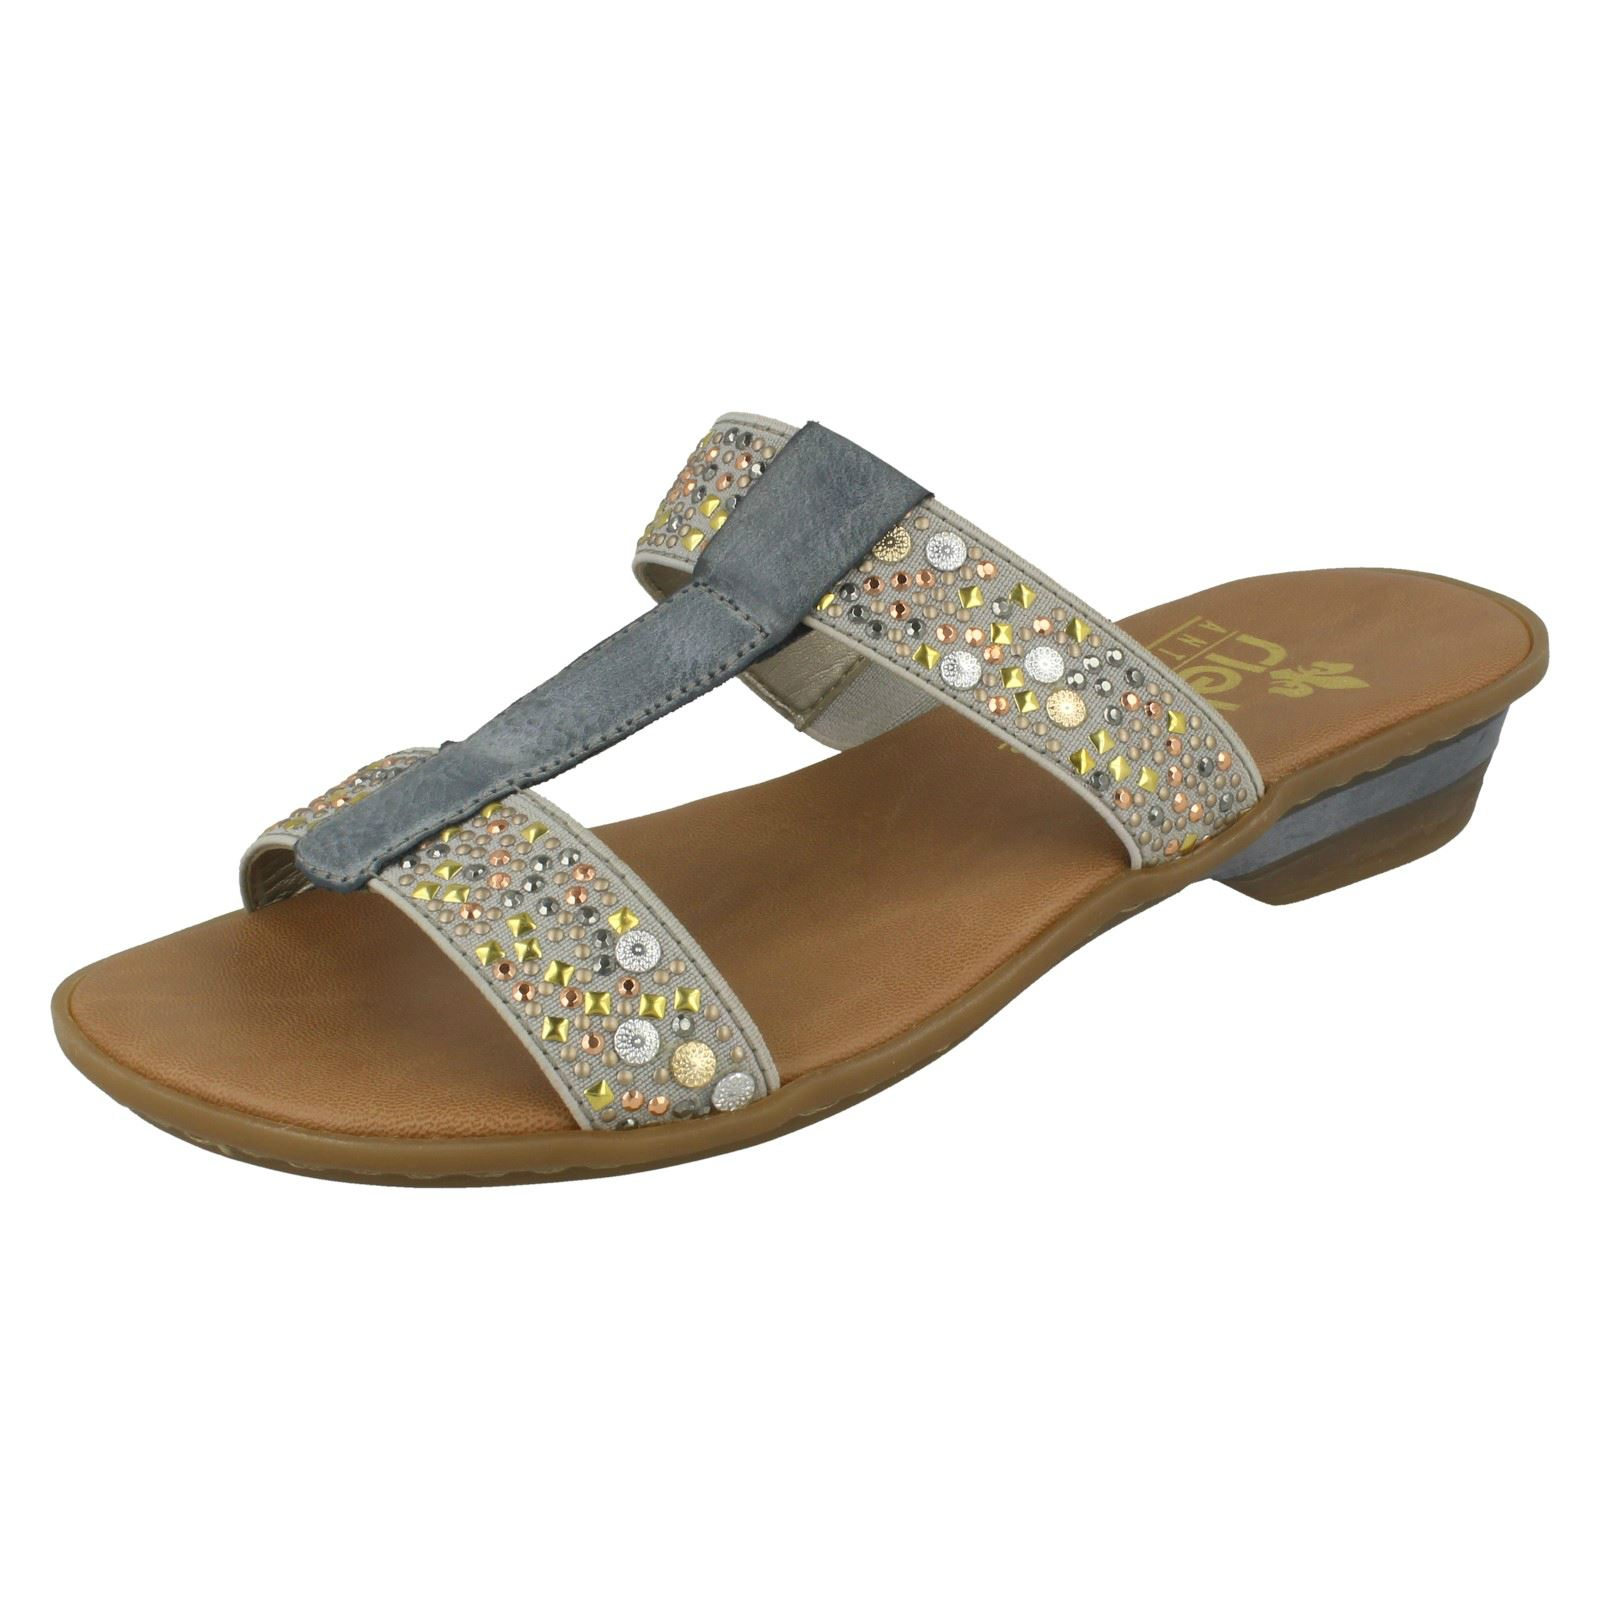 5012114b359667 Ladies Rieker Jewelled Mule Sandals  63454